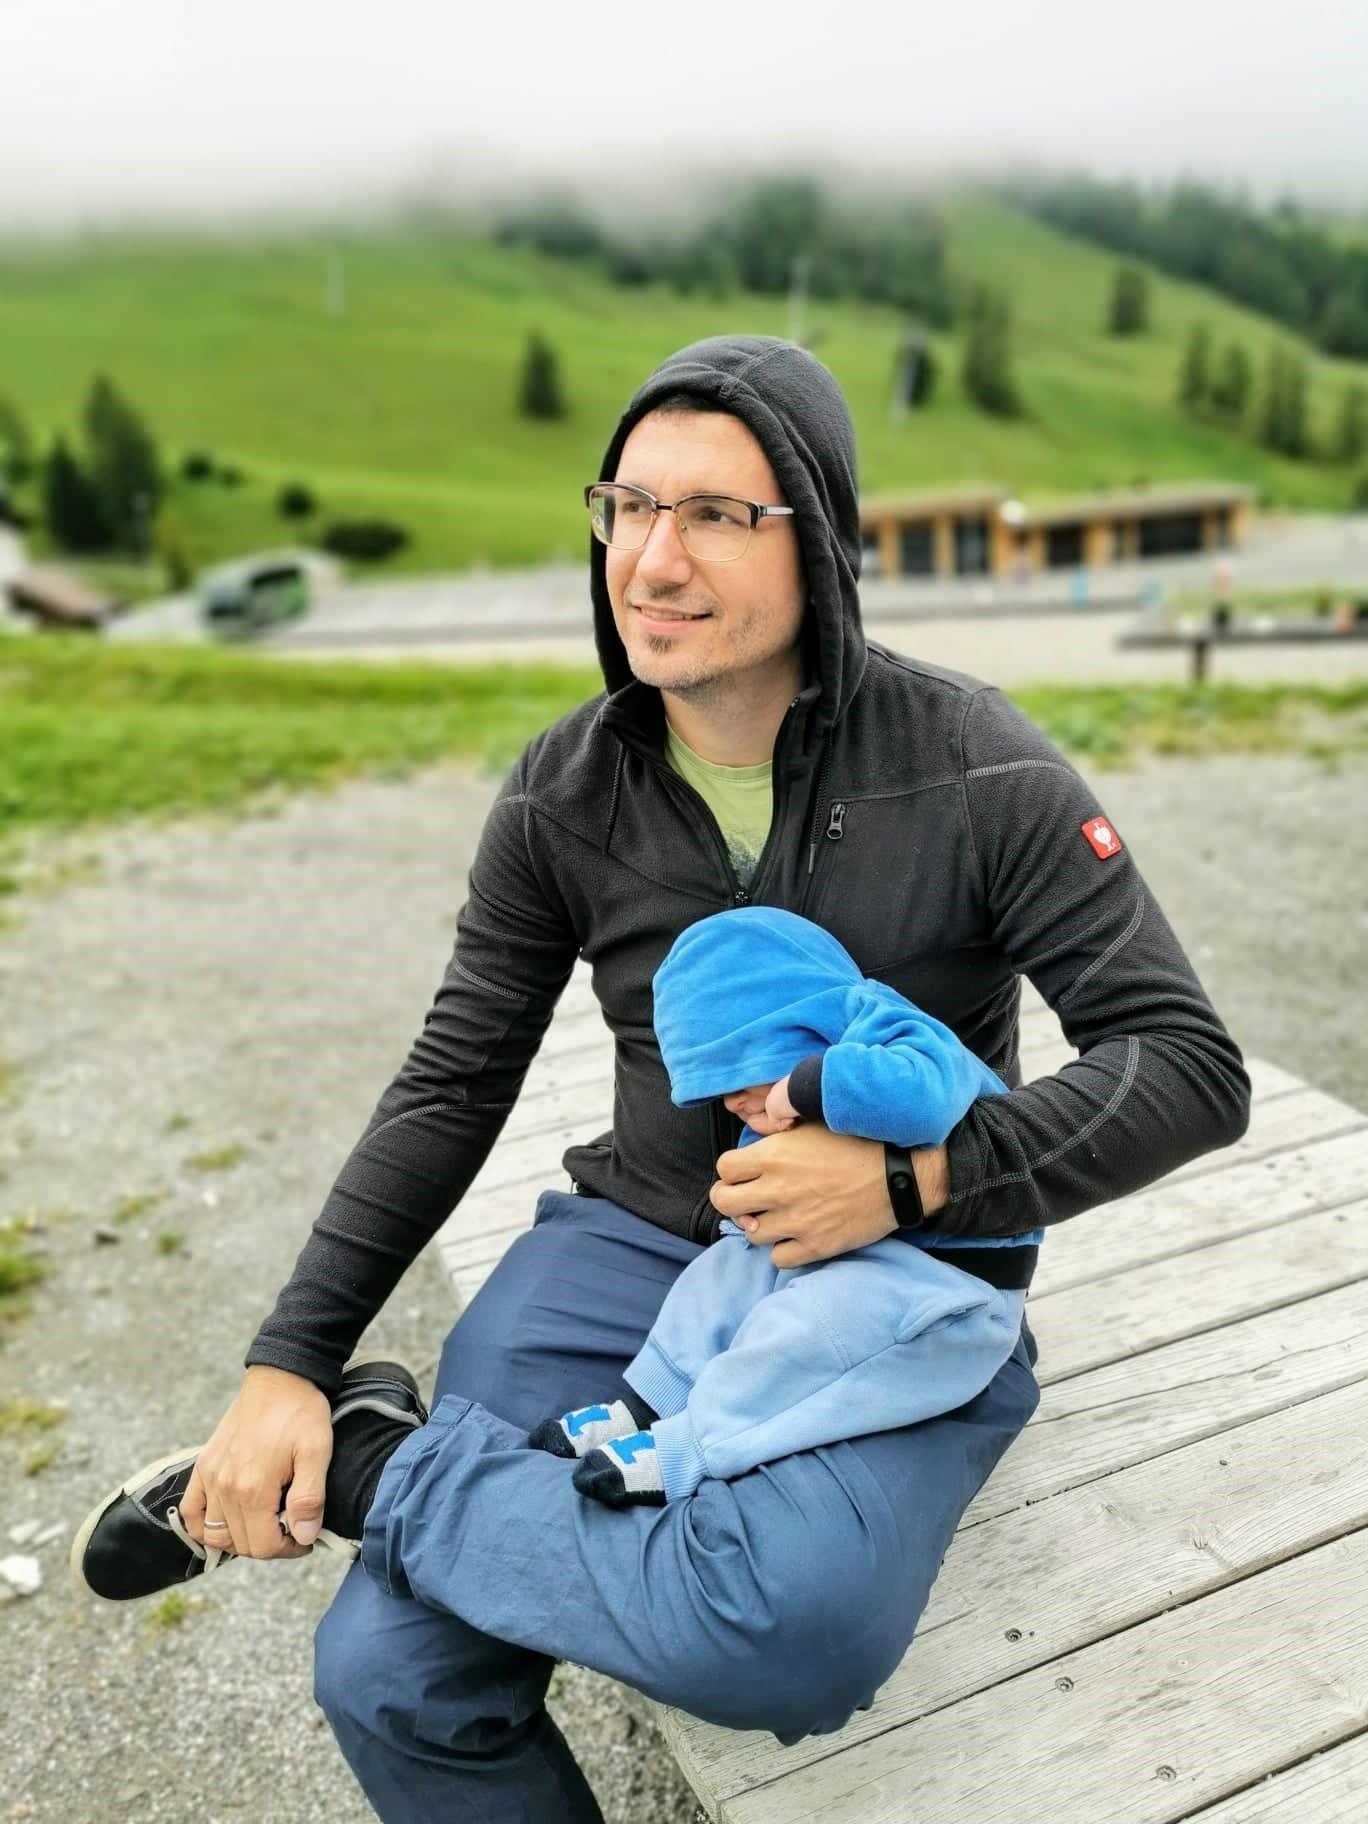 Papa und Sohn in Elternzeit, Baby, Mamablog, Puddingklecks